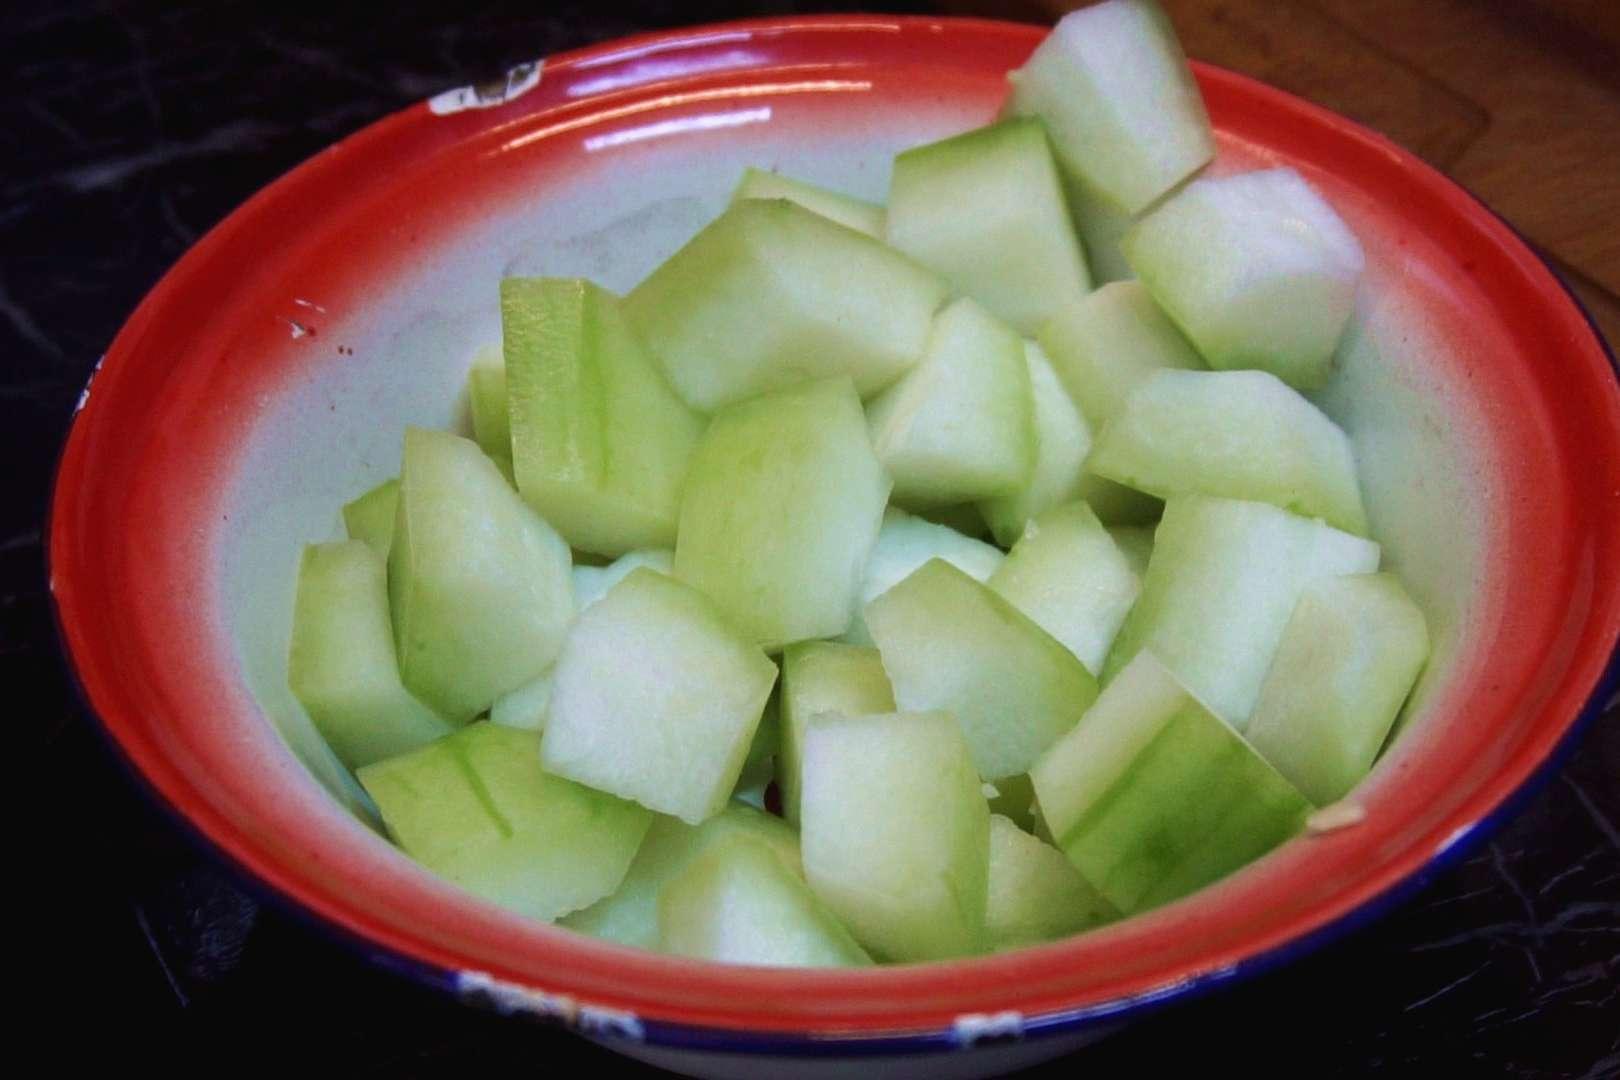 初夏最该吃的瓜不是黄瓜,而是冬瓜,隔三差五吃一次,体重悄悄掉 美食做法 第4张